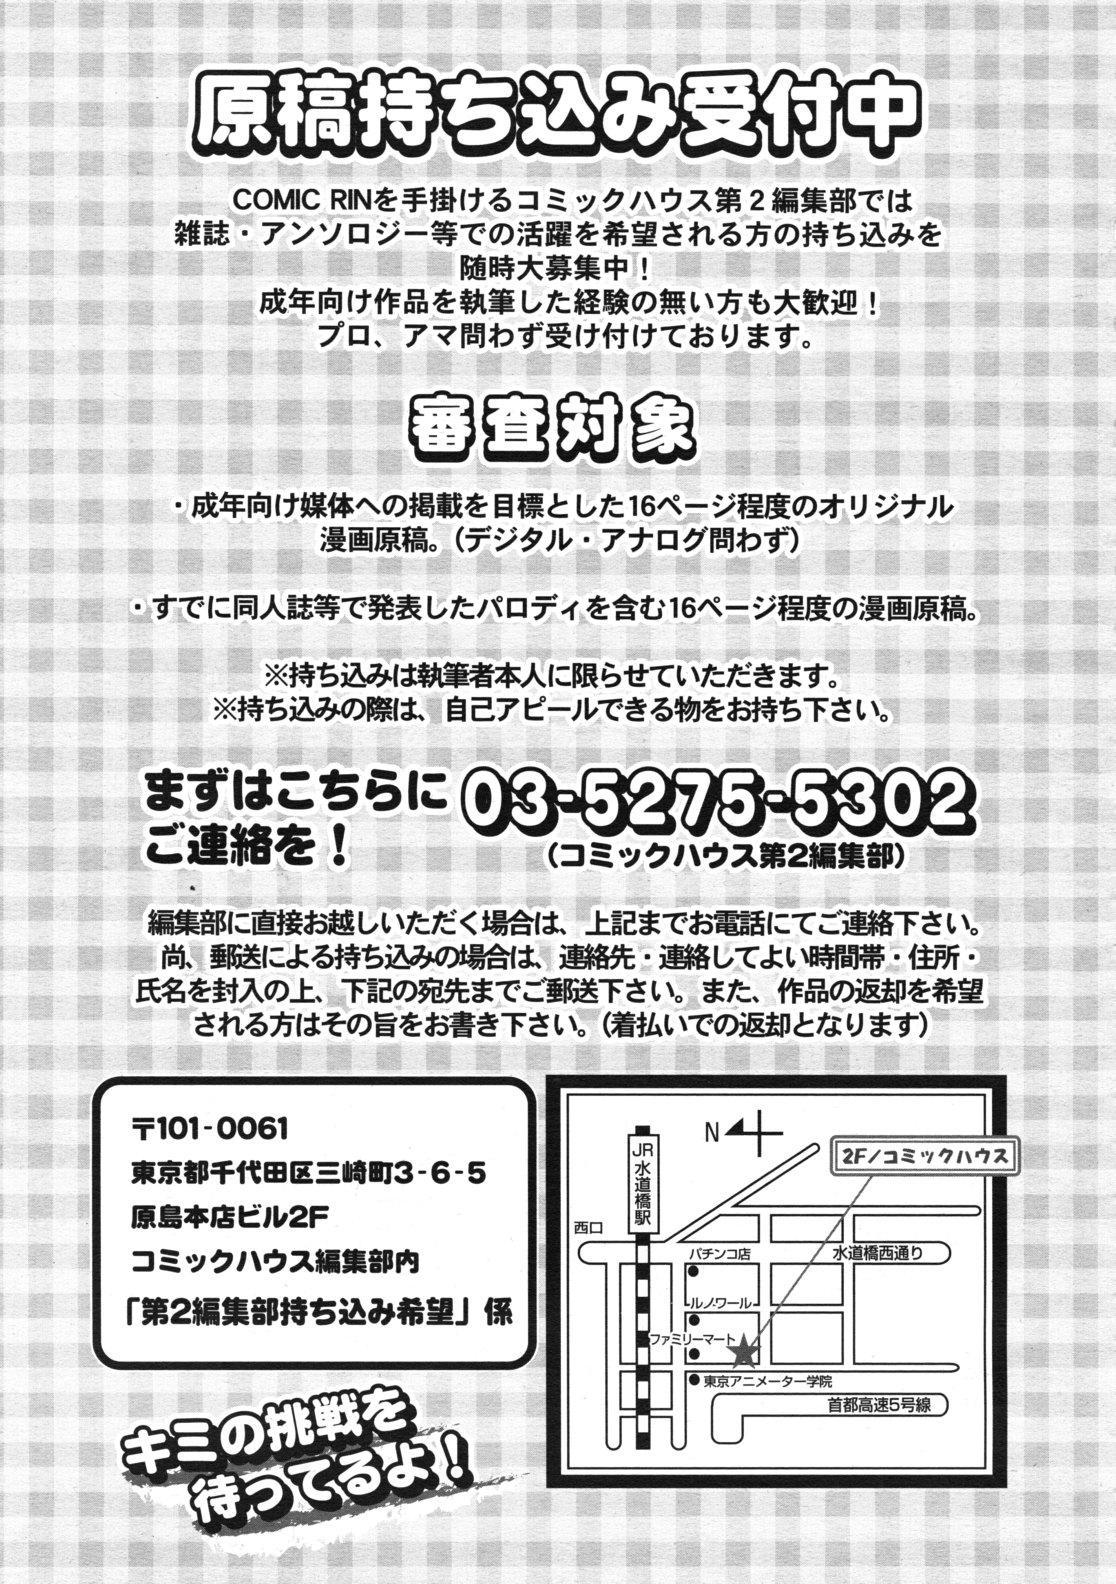 COMIC RiN 2011-12 420